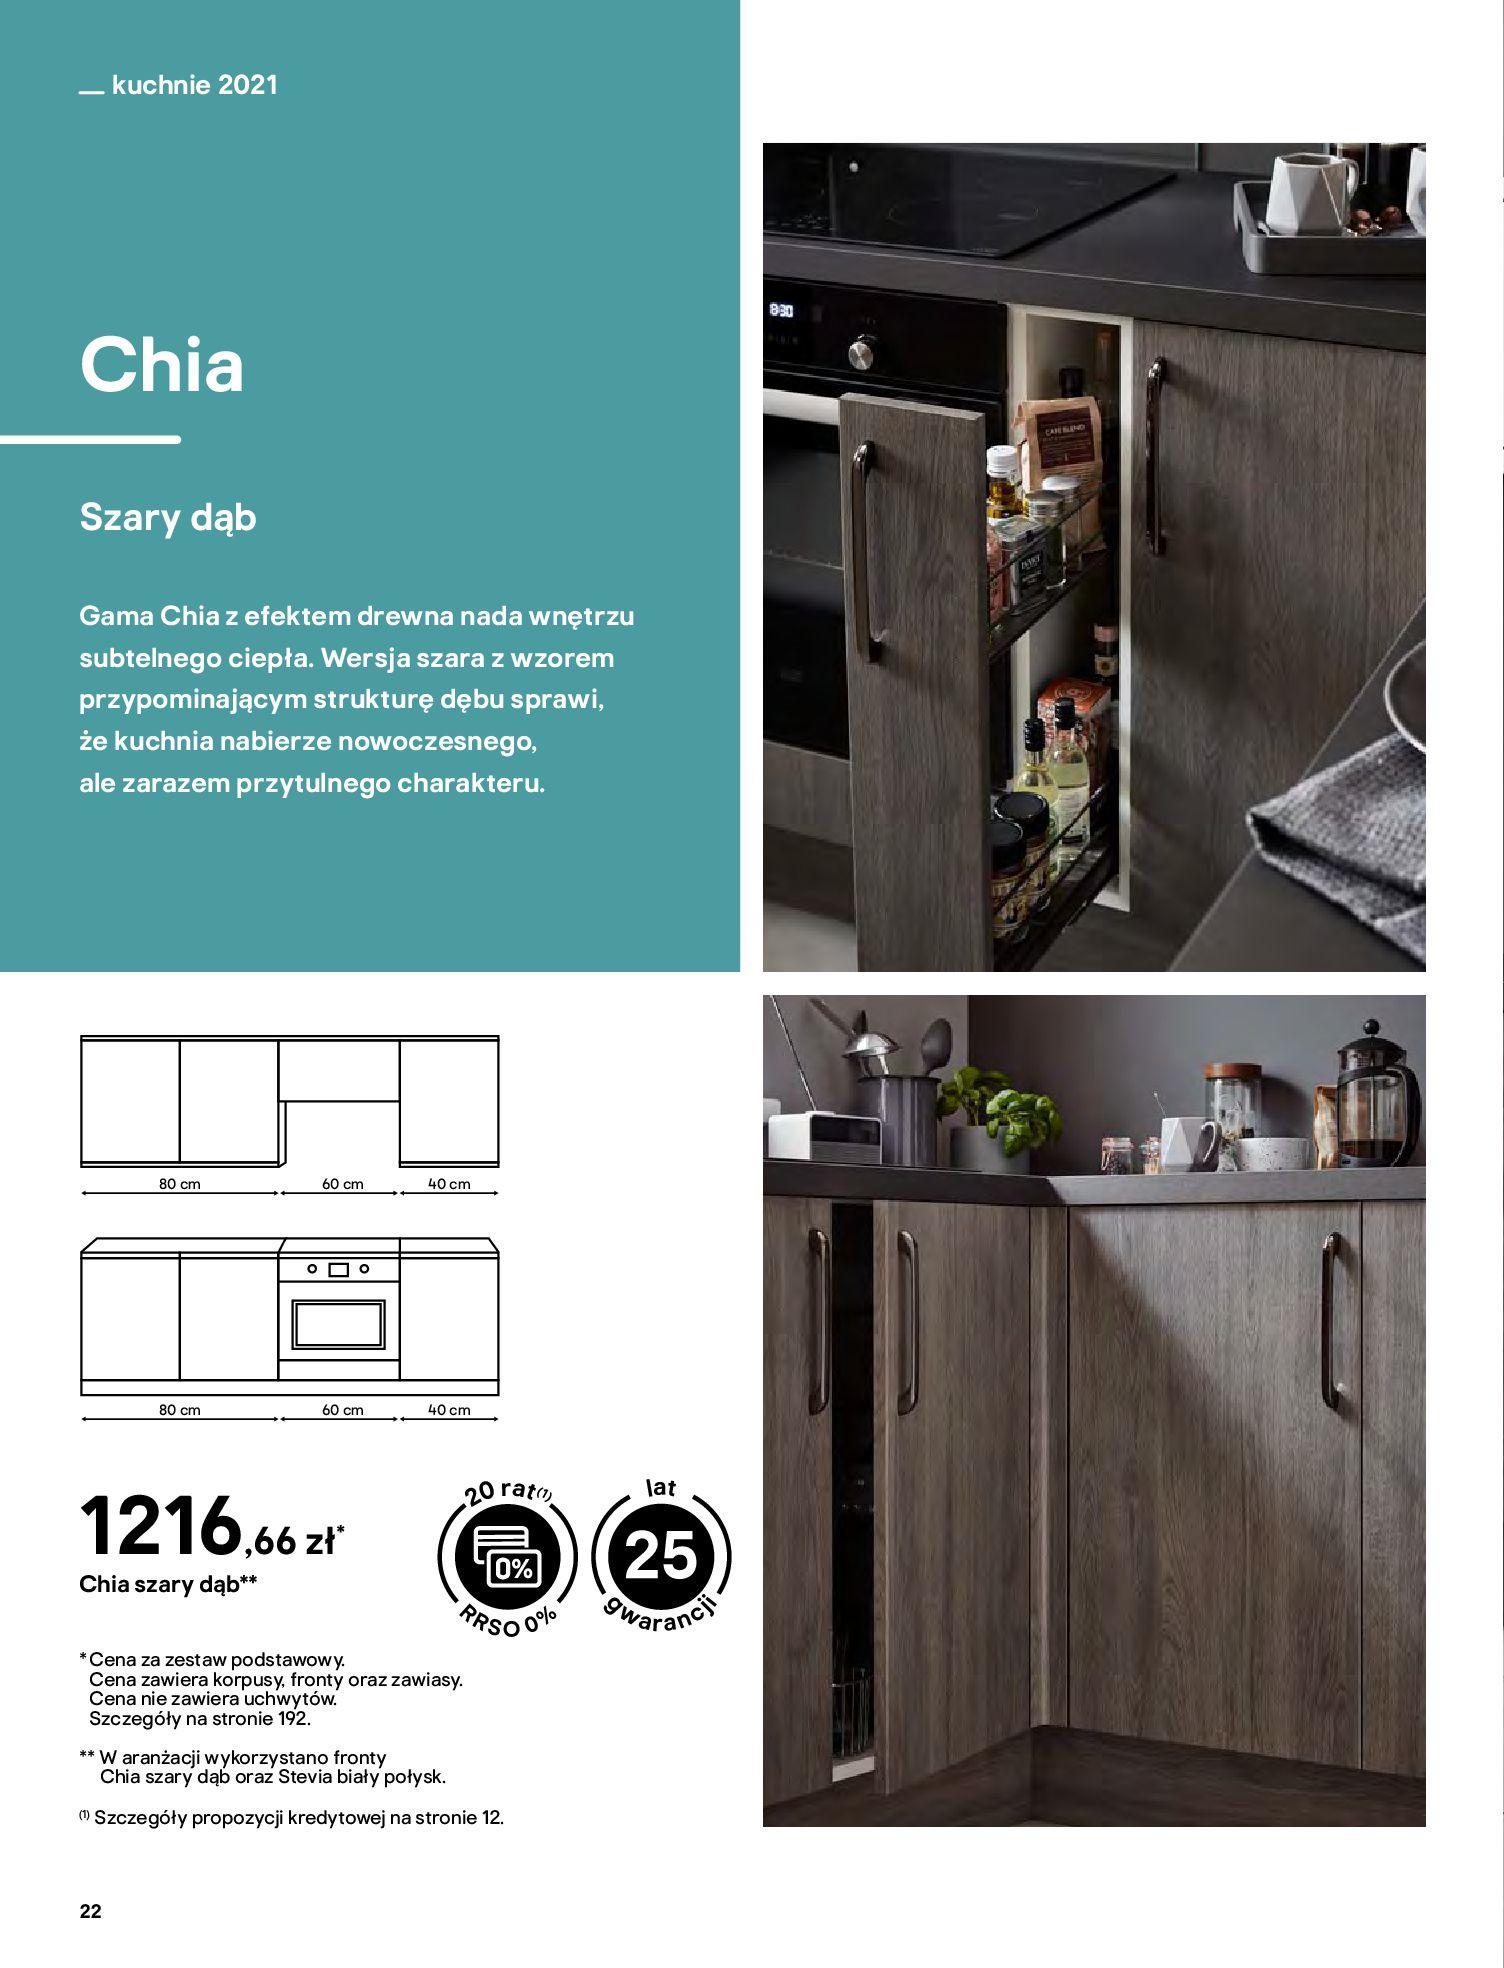 Gazetka Castorama: Katalog kuchnie 2021 2021-05-04 page-22